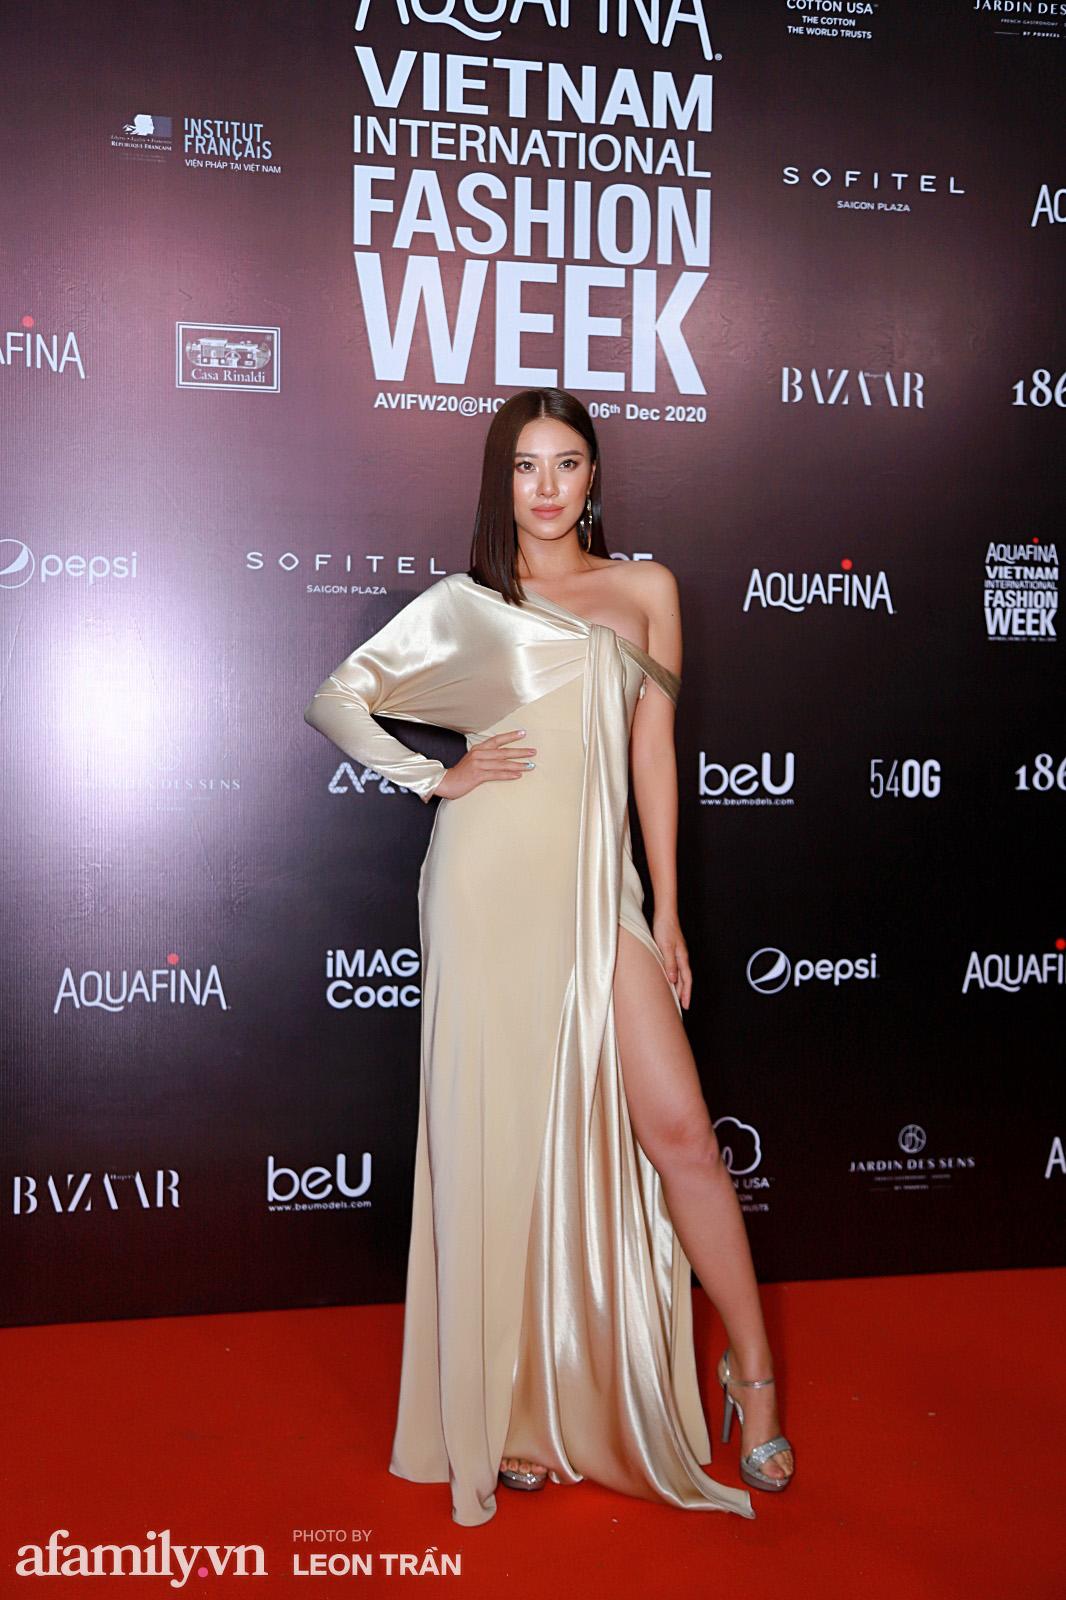 """Thảm đỏ Aquafina Vietnam International Fashion Week 2020: Nóng """"bỏng mắt"""" với màn phô diễn vòng 1 của Hoàng Thùy và Võ Hoàng Yến - Ảnh 19."""